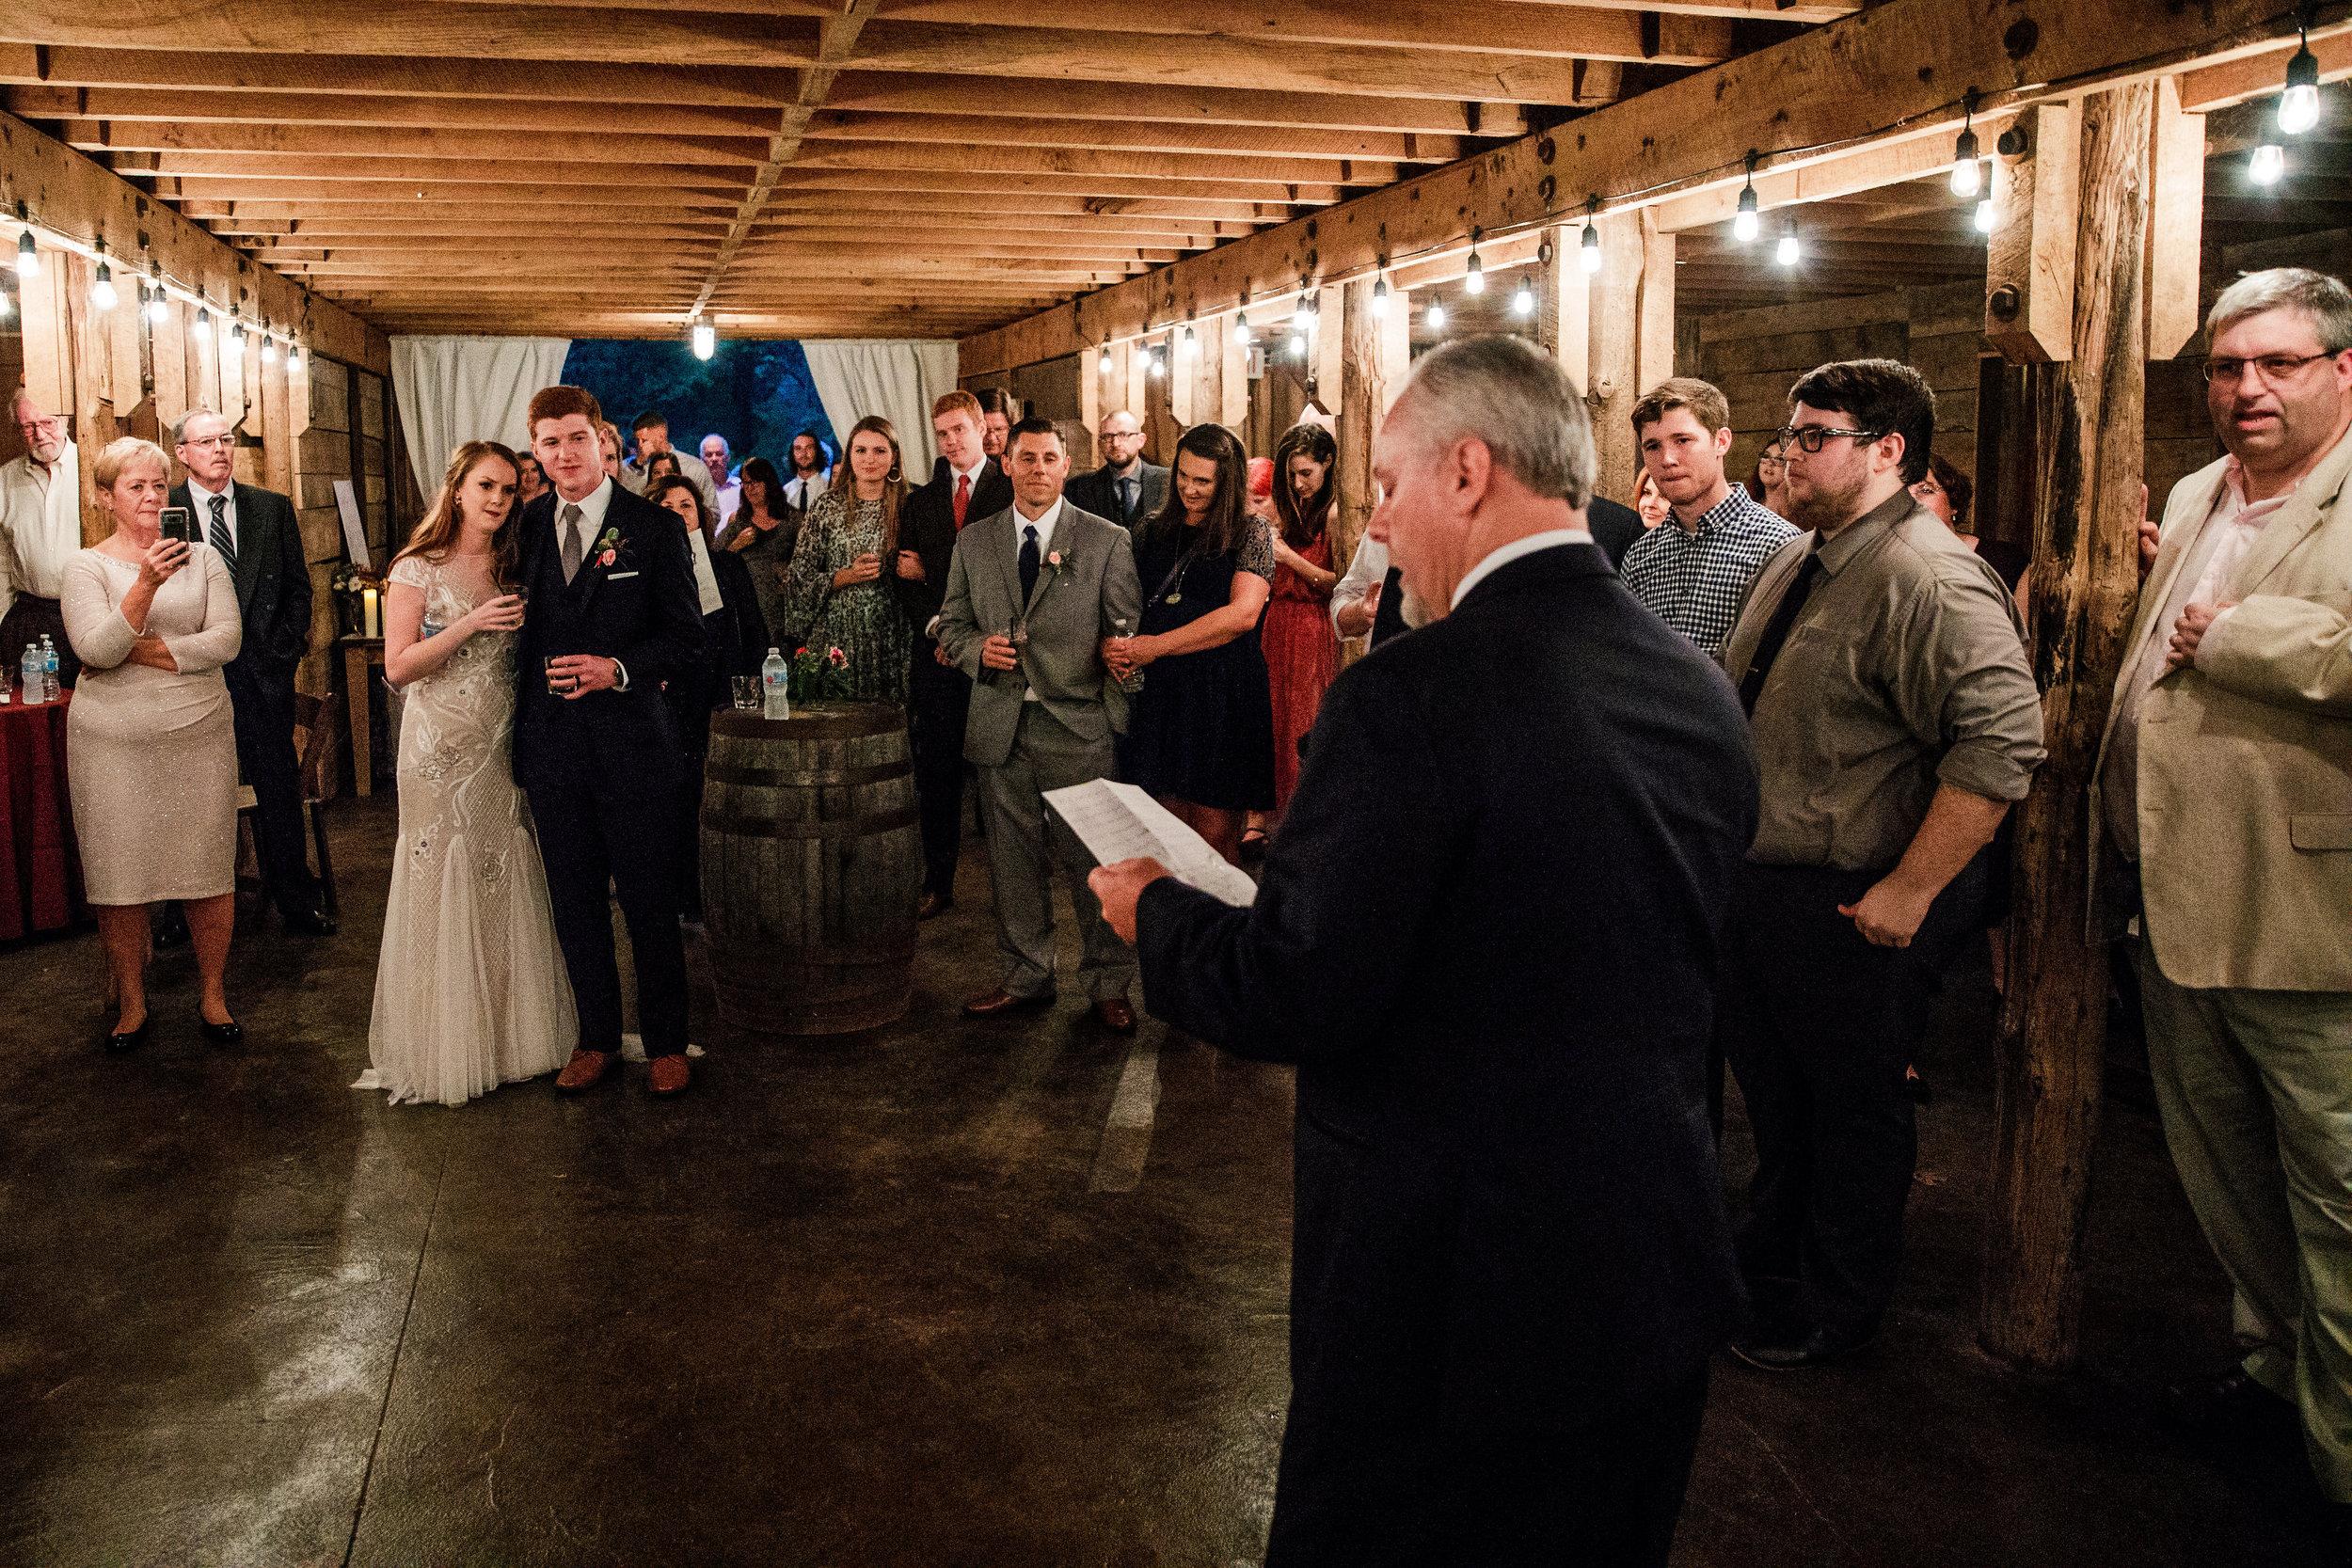 Wrens-Nest-Wedding-Murfreesboro-TN 41.jpg